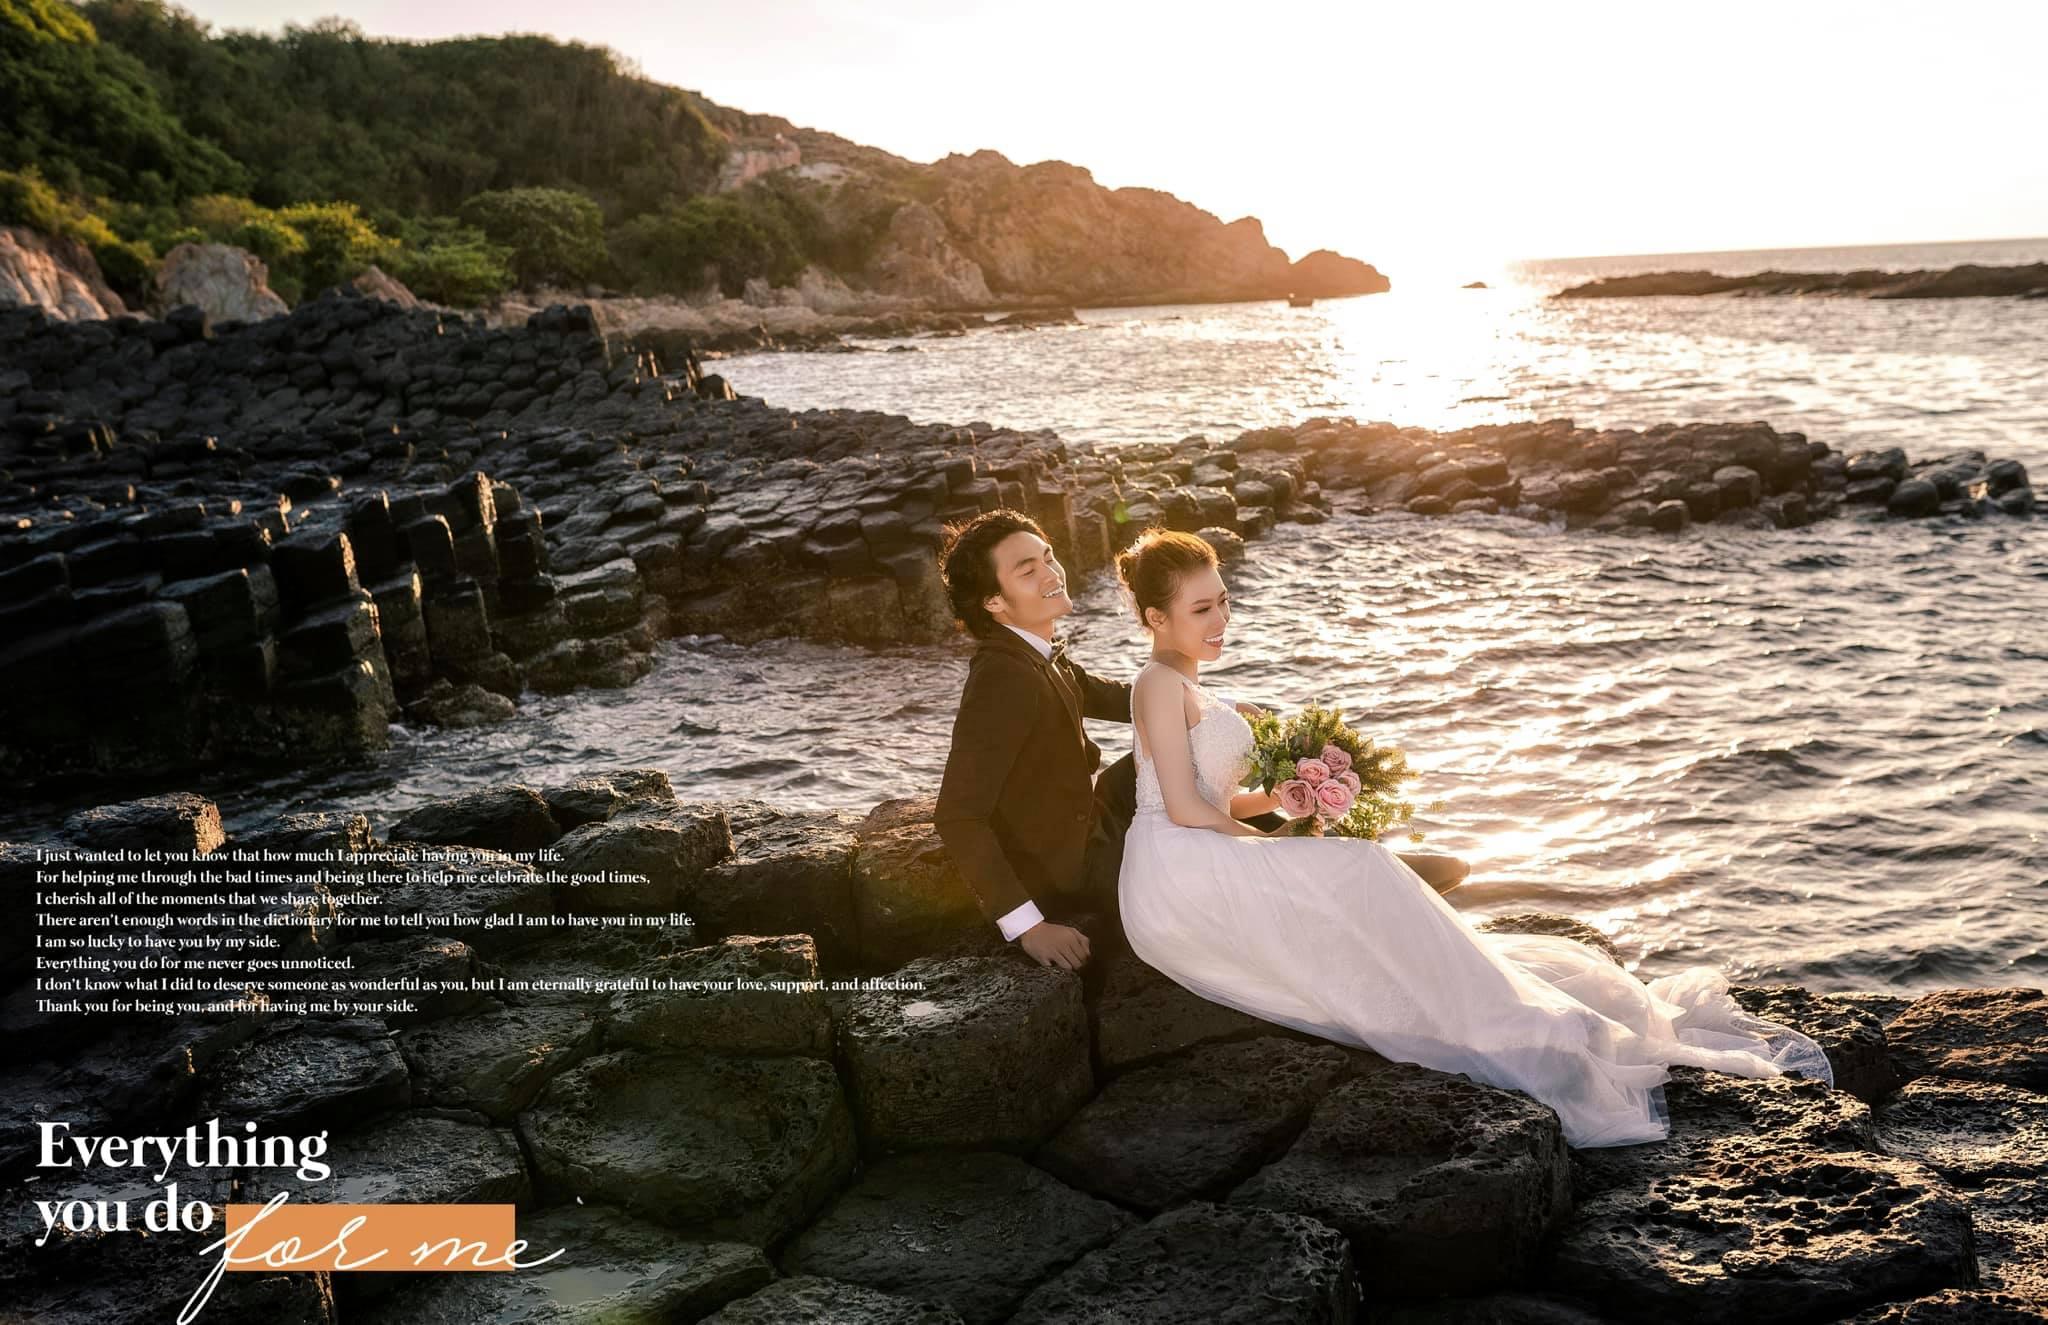 Xếp hạng 4 Studio chụp ảnh cưới đẹp nhất Phú Yên - Nẫu Studio